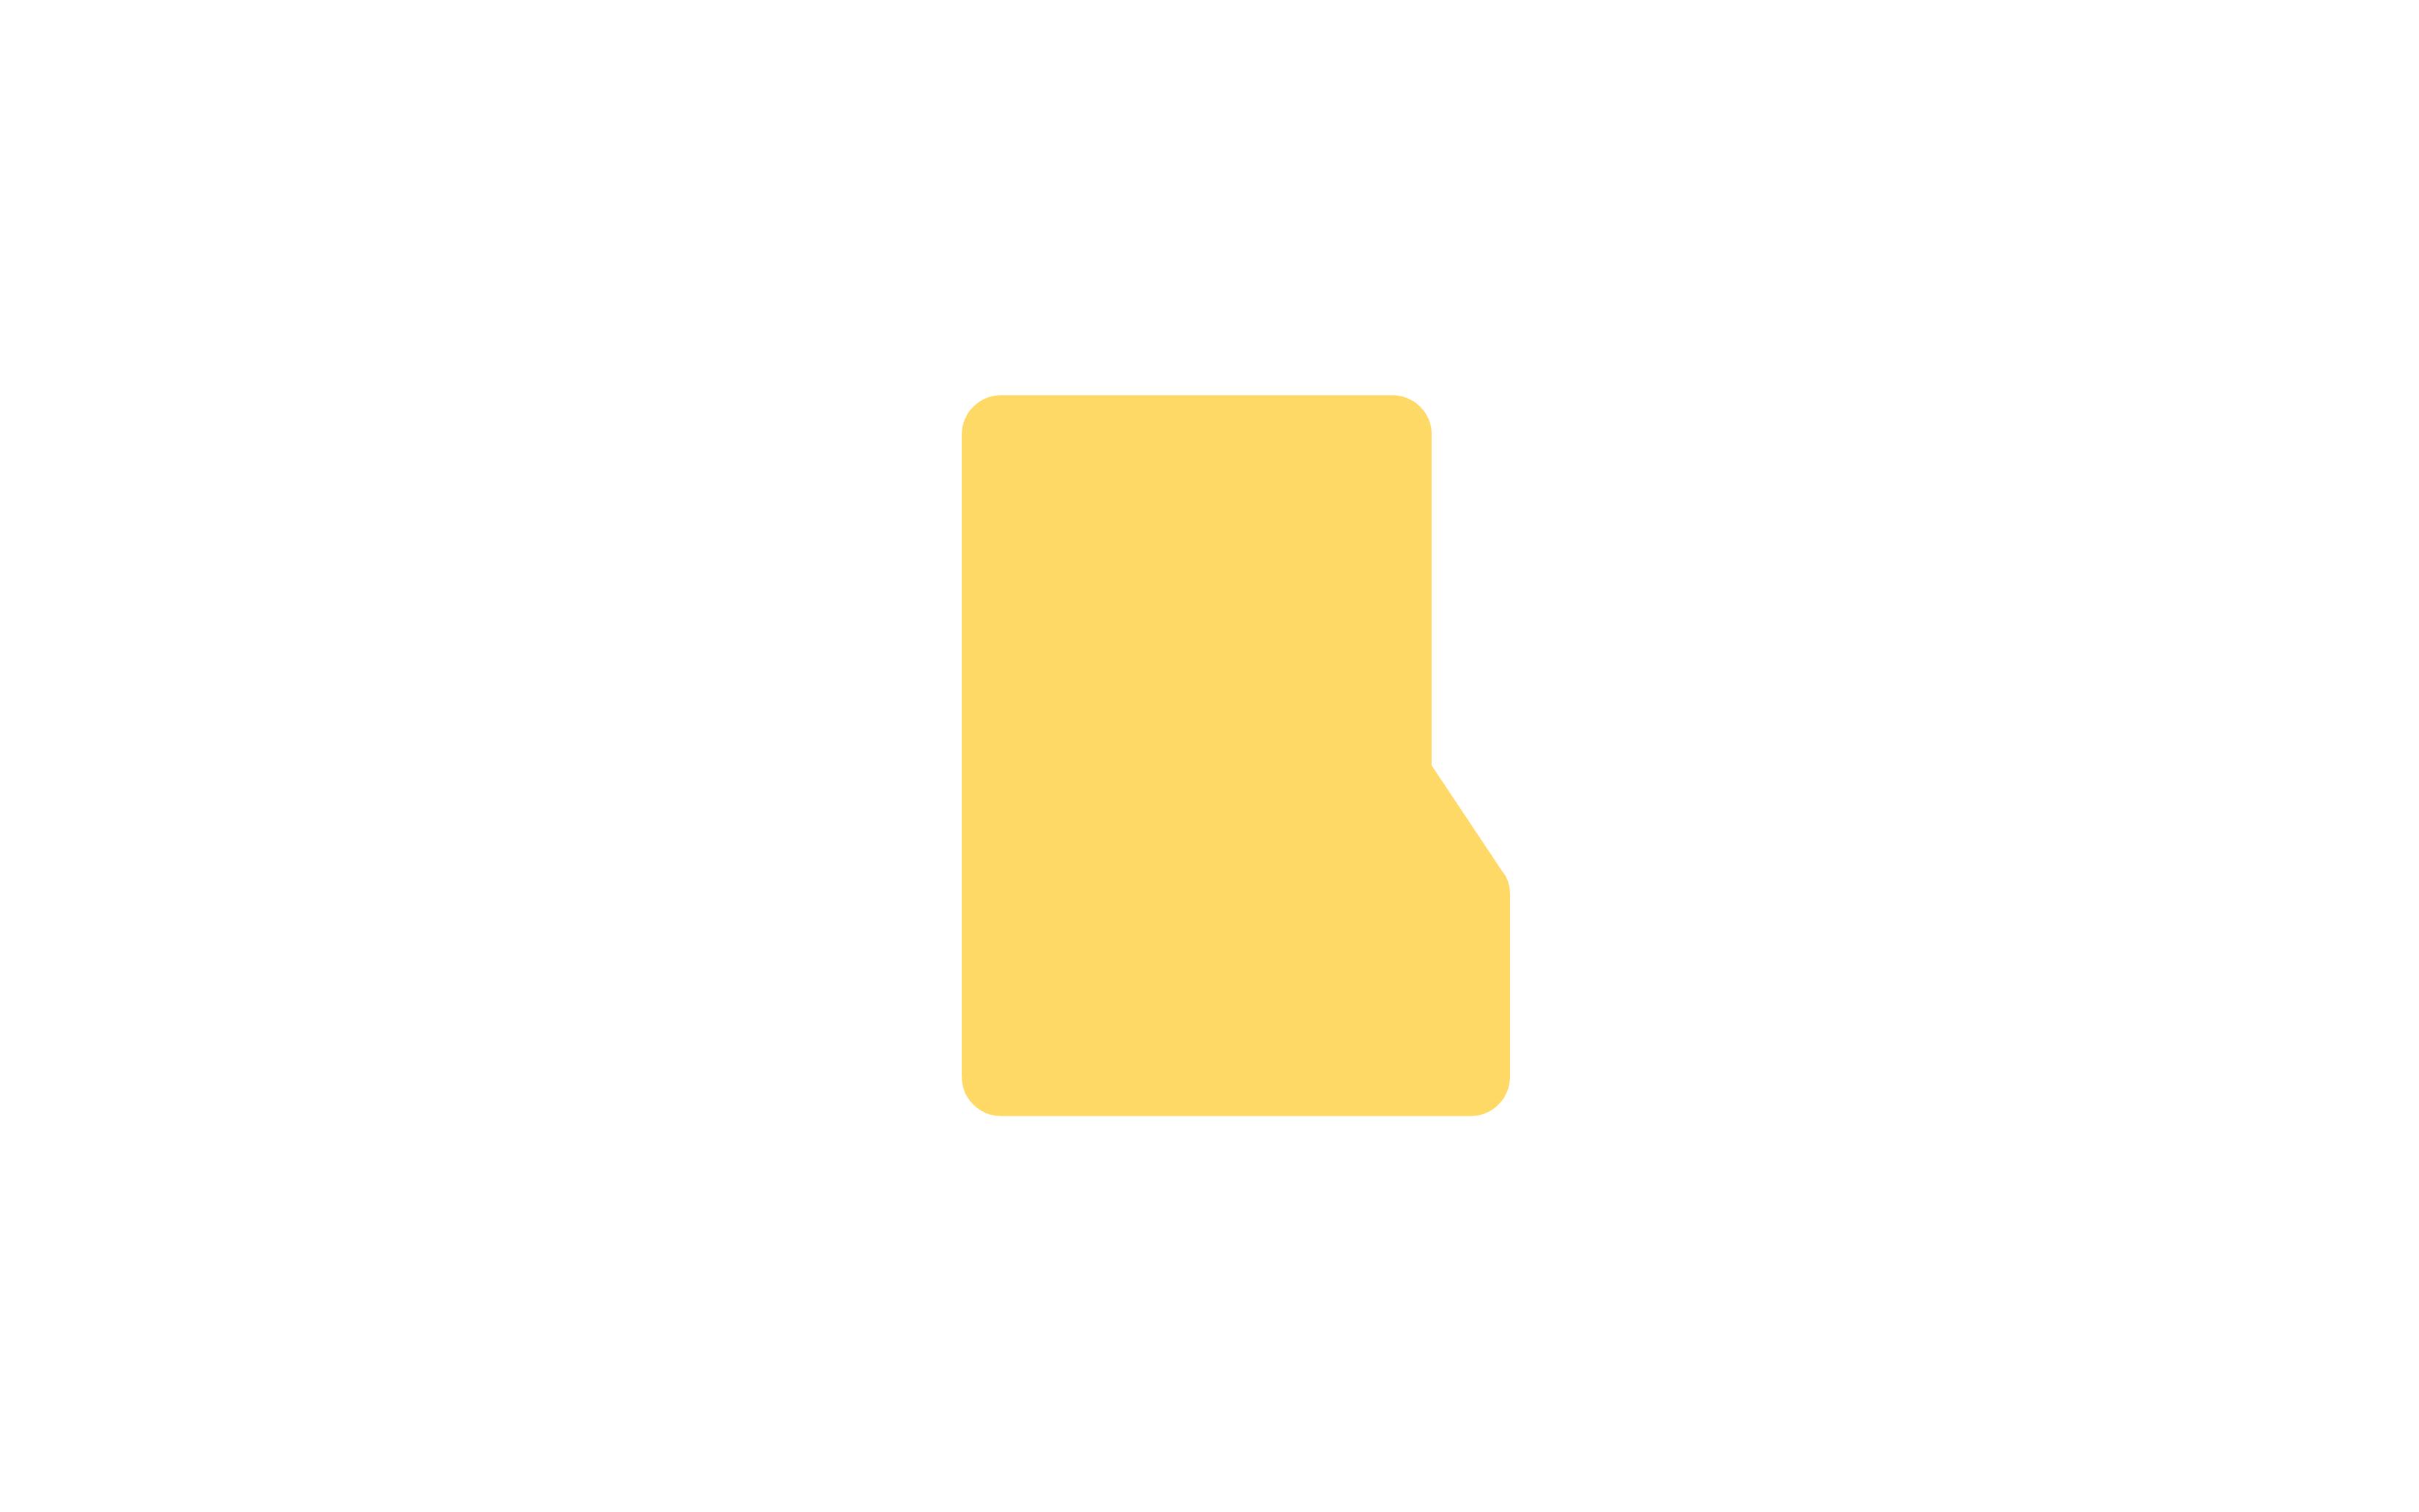 파일폴더 아이콘